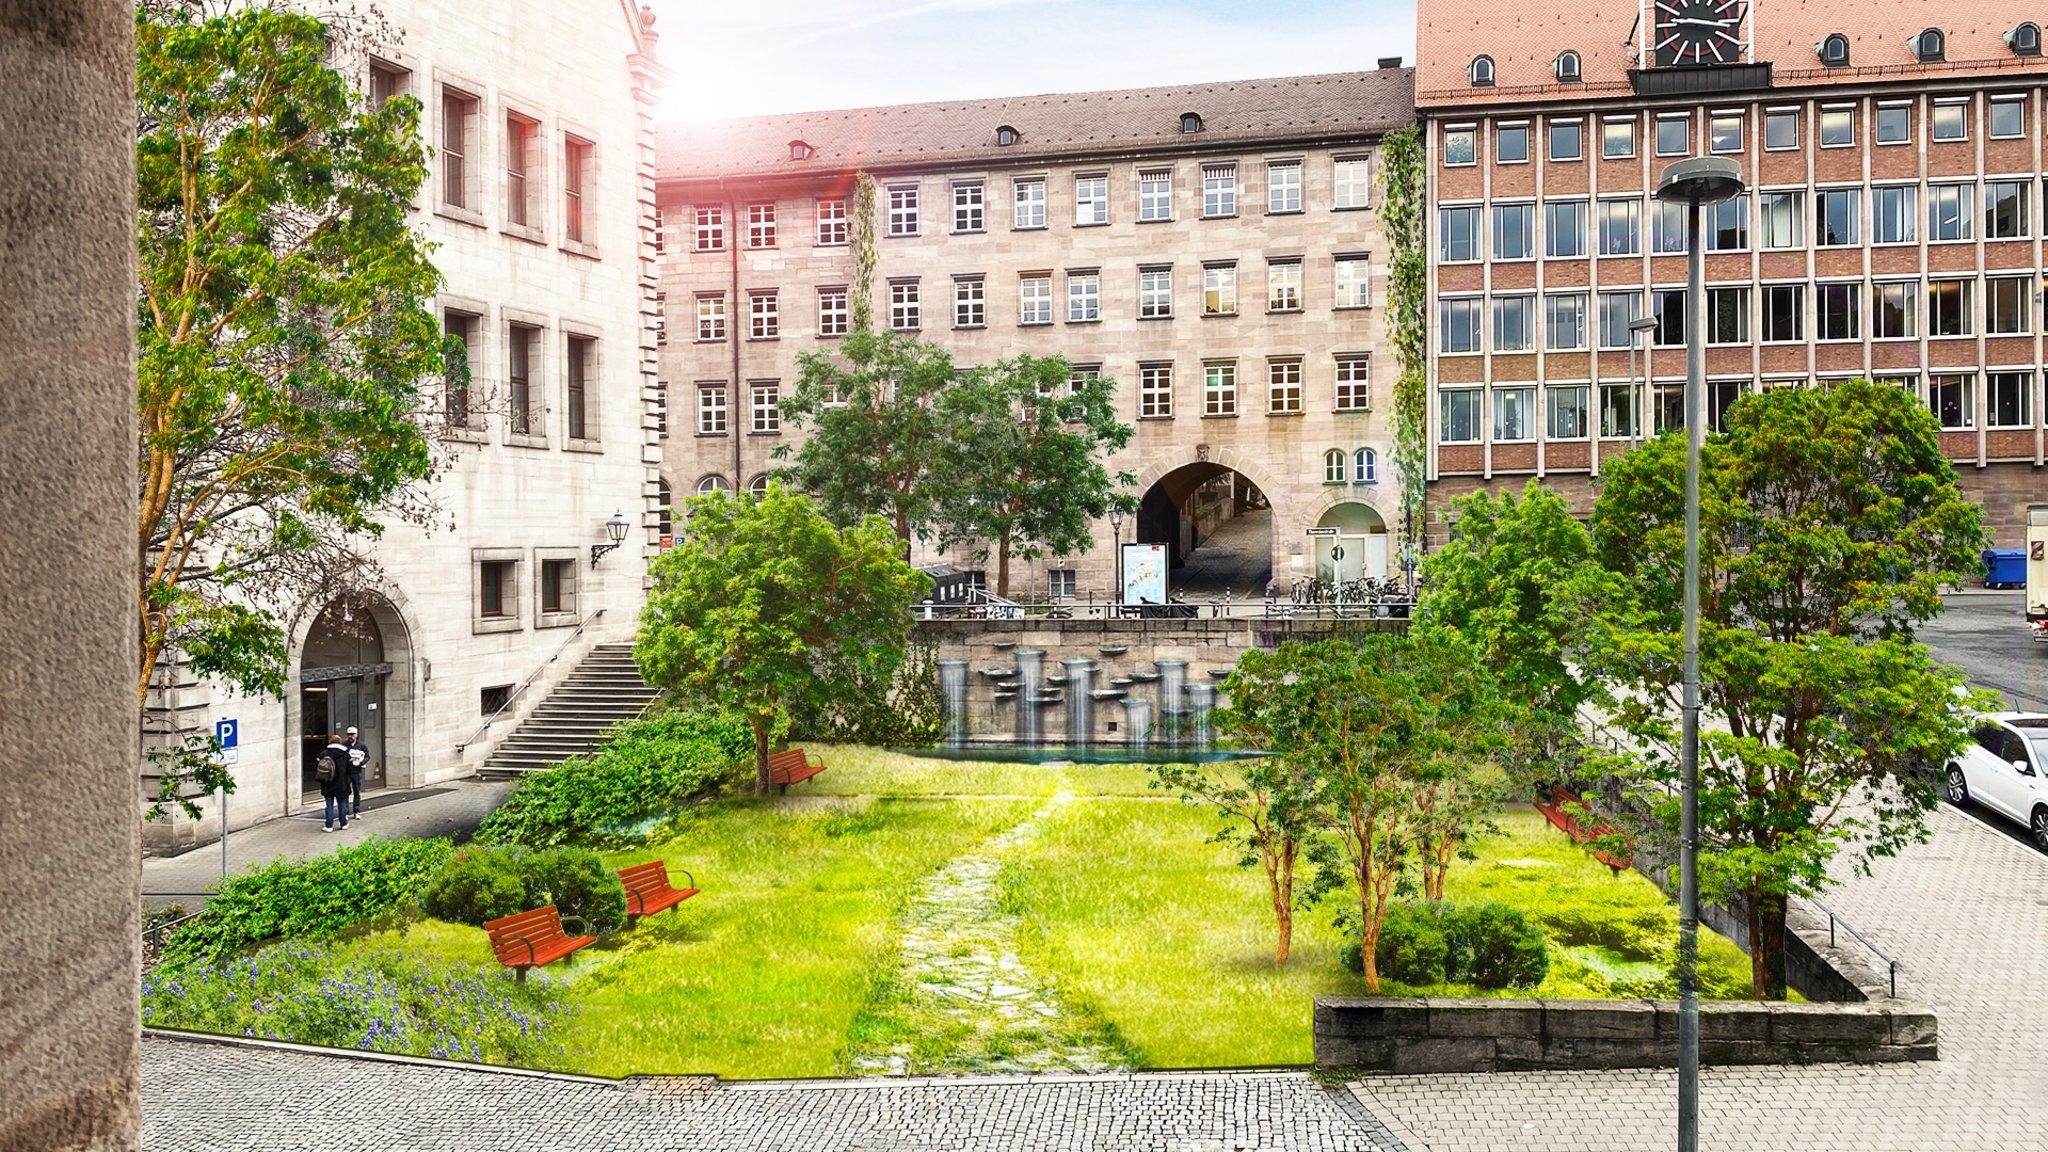 Riesenflohmarkt Quelle Parkplatz Nürnberg